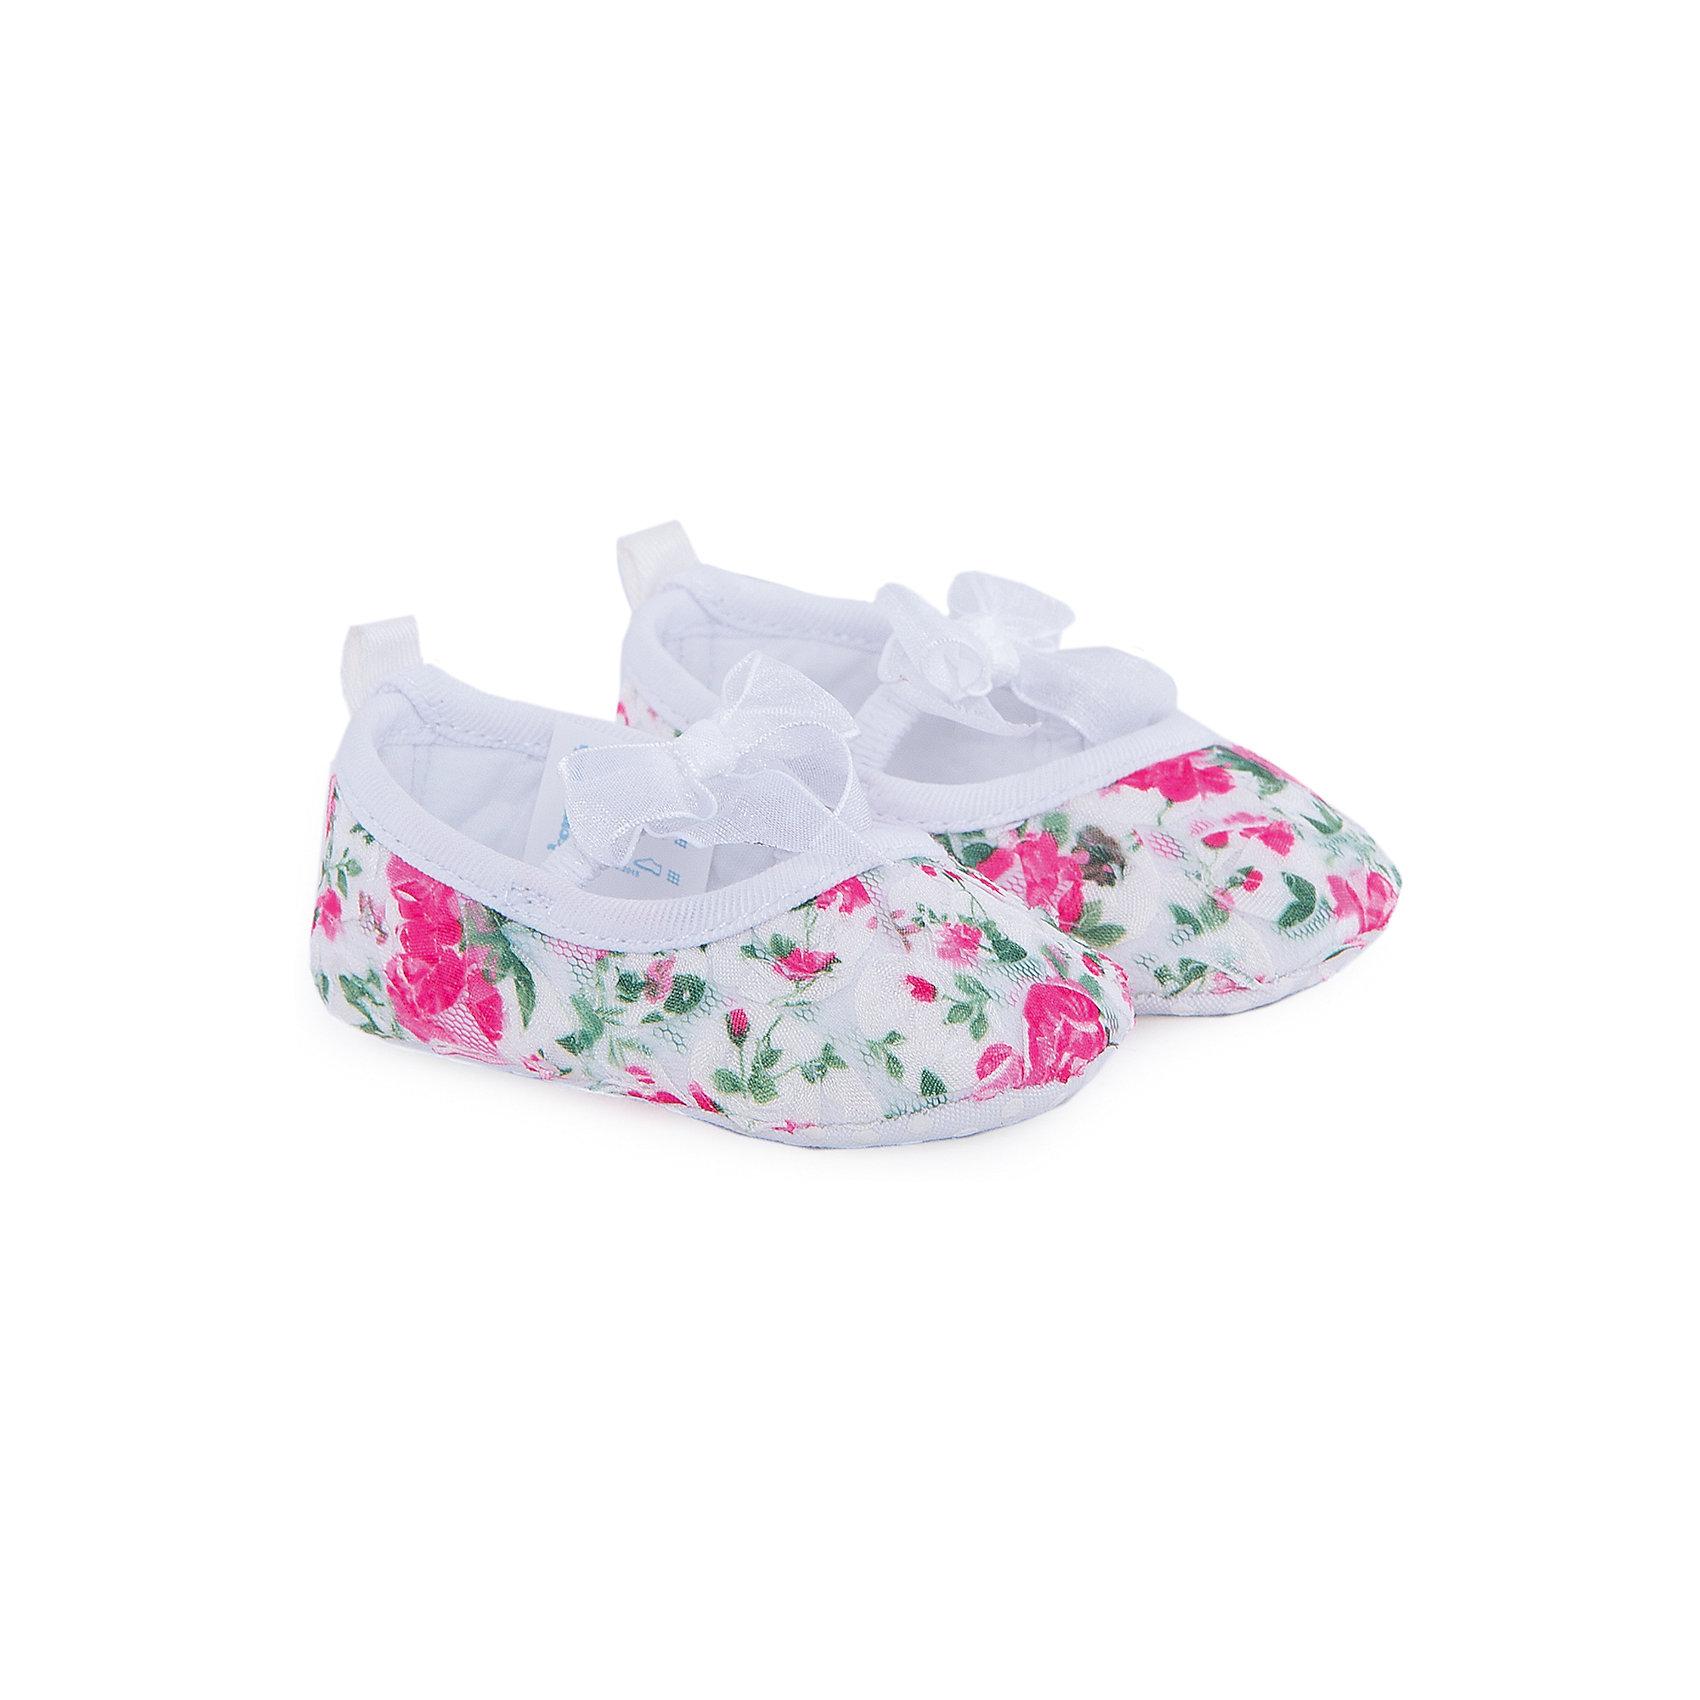 Пинетки для девочки КотофейПинетки для девочки от известного российского бренда Котофей <br><br>Красивые пинетки сделаны из материала, обеспечивающего воздухопроницаемость и вентиляцию ноги. <br>Специальная подошва позволяет избегать скольжения практически на любой поверхности.<br><br>Особенности модели:<br><br>- цвет: розовый, белый;<br>- нескользящая подошва;<br>- декорированы принтом и бантом;<br>- вид крепления обуви: выворотный;<br>- качественные материалы;<br>- модный дизайн.<br><br><br>Дополнительная информация:<br><br>Состав: <br><br>верх - текстиль;<br>подкладка - текстиль;<br>подошва - текстиль.<br><br>Пинетки для девочки Котофей можно купить в нашем магазине.<br><br>Ширина мм: 152<br>Глубина мм: 126<br>Высота мм: 93<br>Вес г: 242<br>Цвет: белый<br>Возраст от месяцев: 0<br>Возраст до месяцев: 5<br>Пол: Женский<br>Возраст: Детский<br>Размер: 17,18,16,19<br>SKU: 4565786